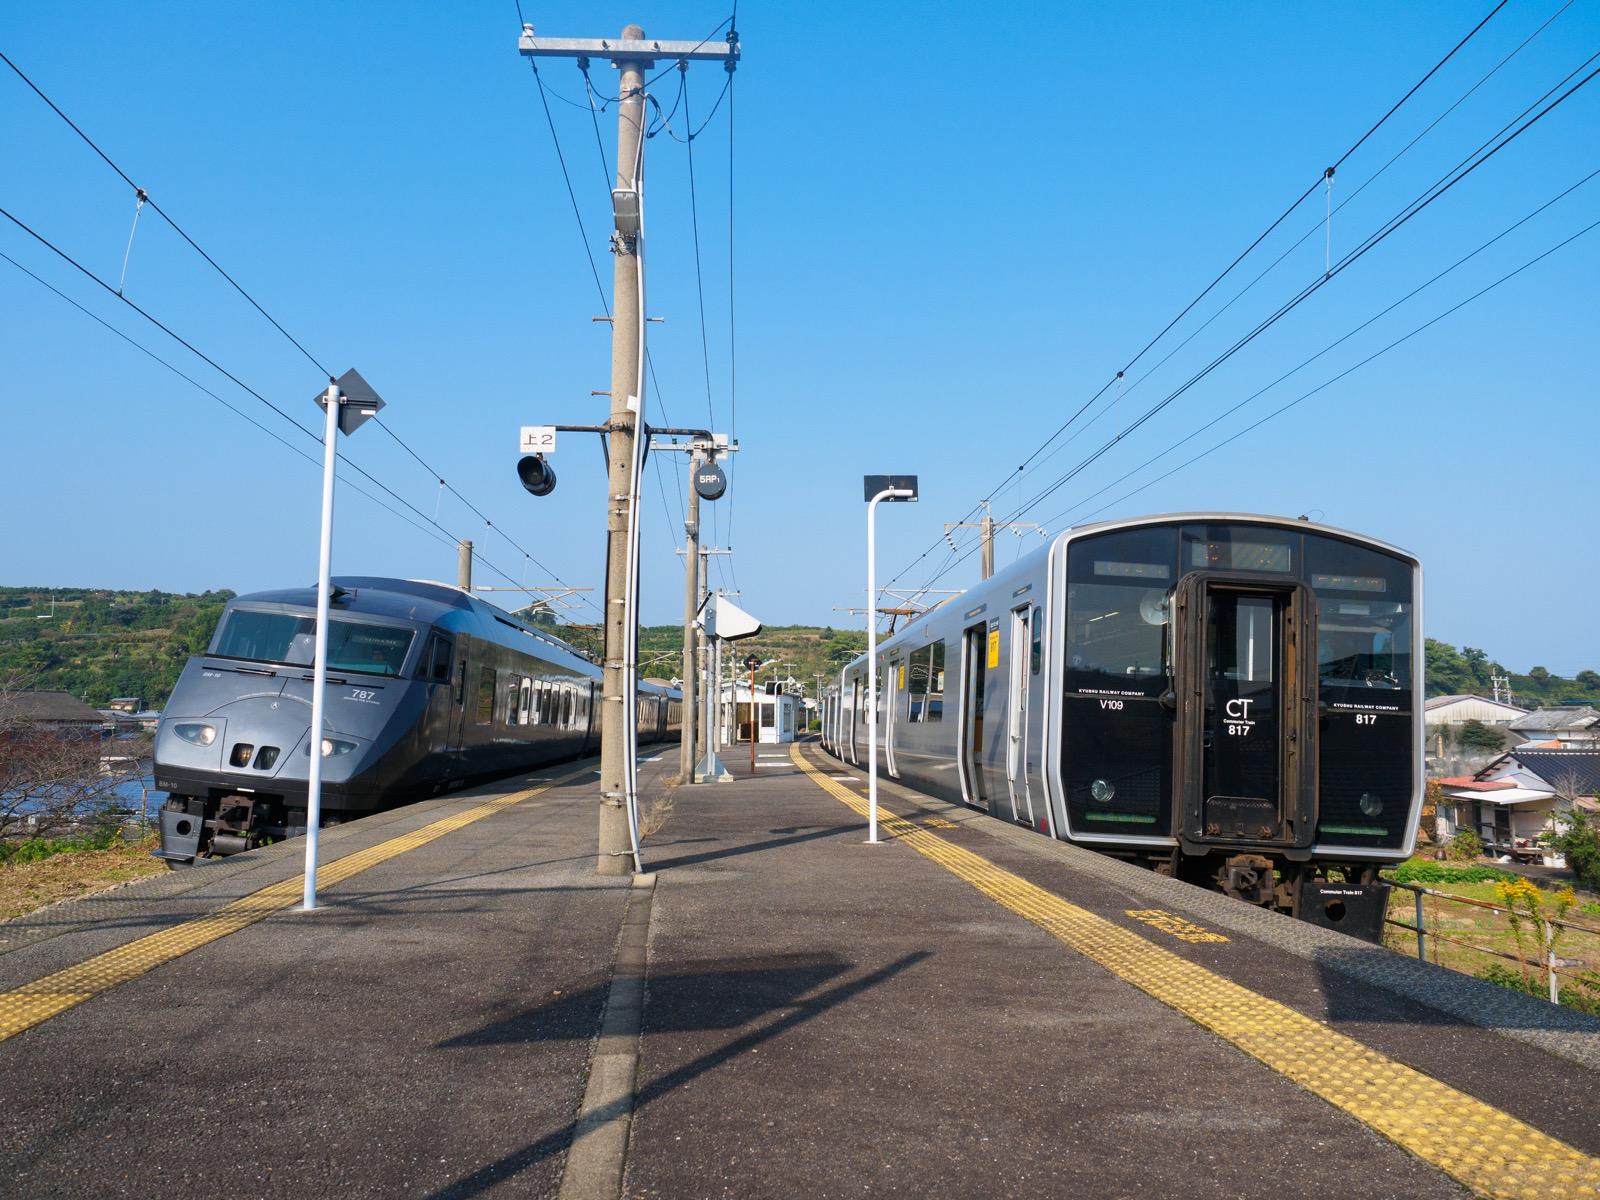 肥前飯田駅に停車する普通列車と、通過する特急「かもめ」